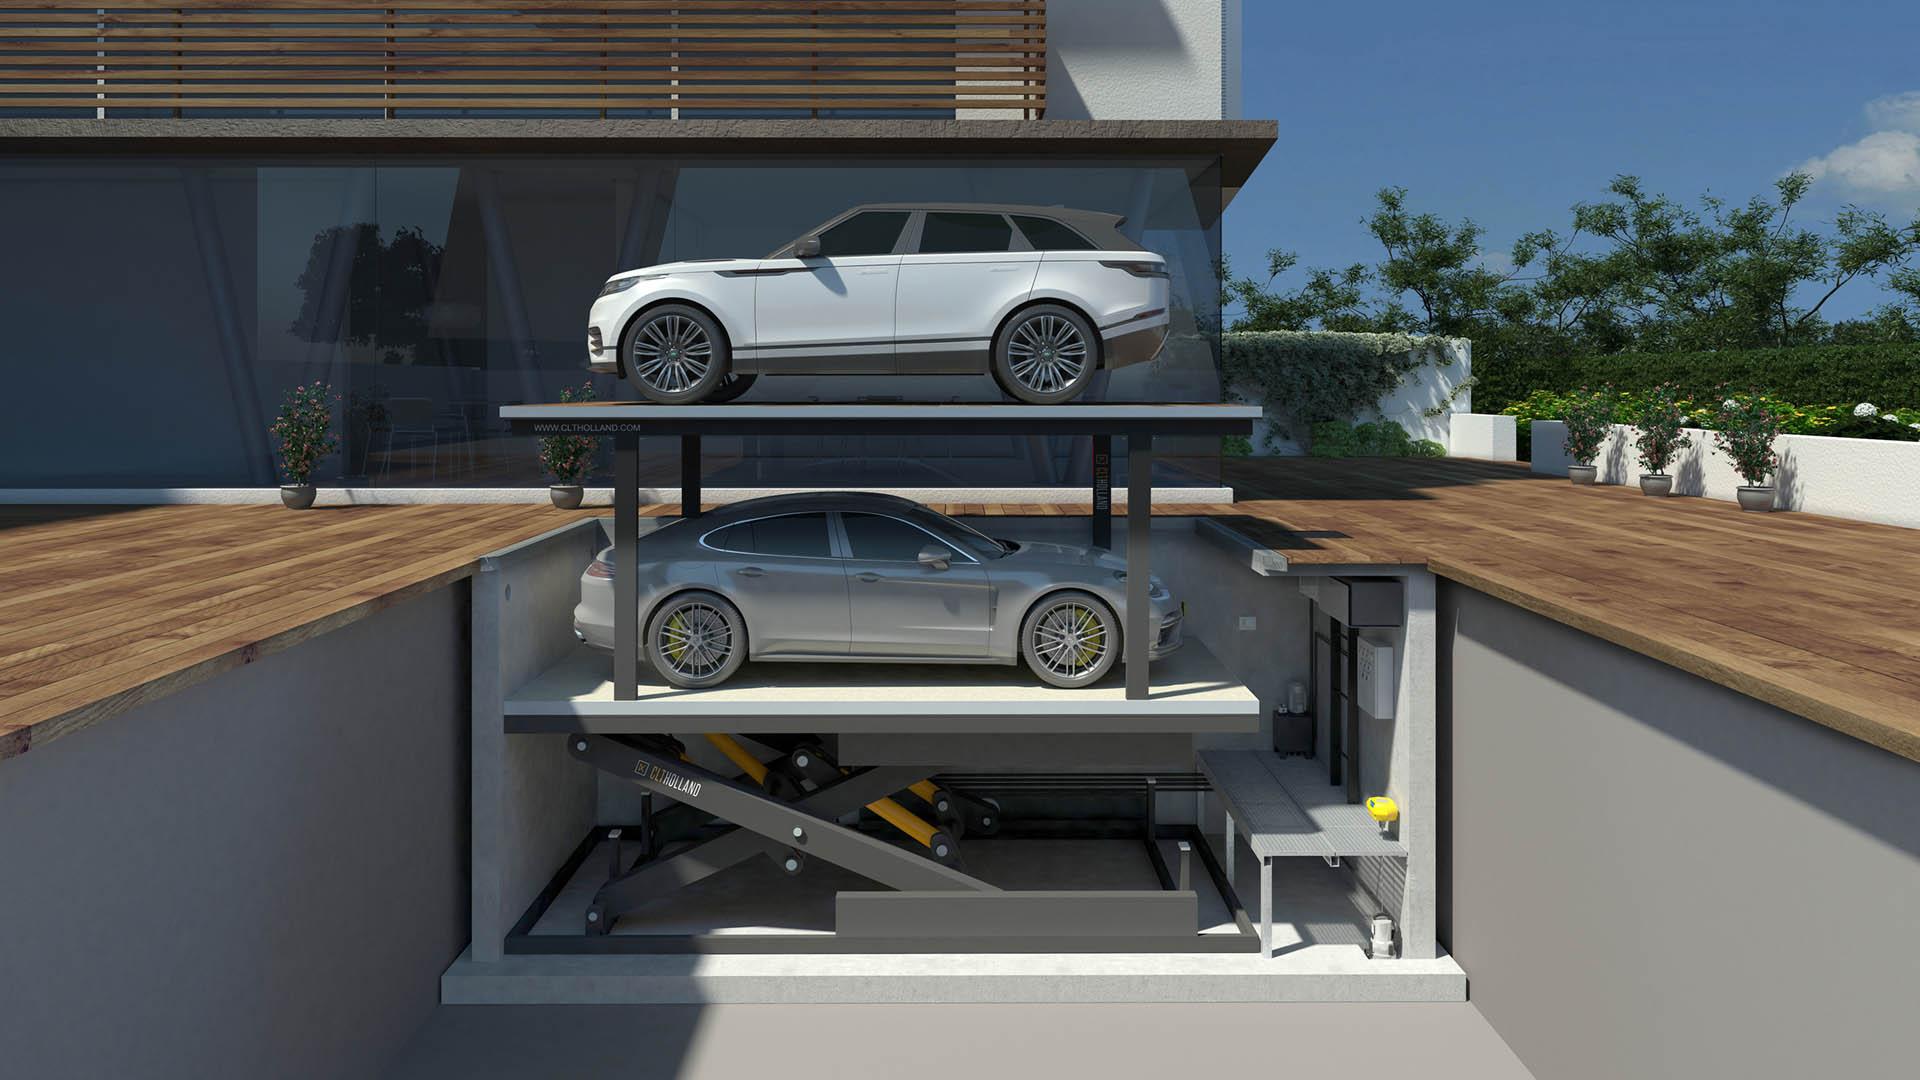 CLT Holland - Down Parker met Range Rover en Porsche - Situatie inbouw in tuin of oprit